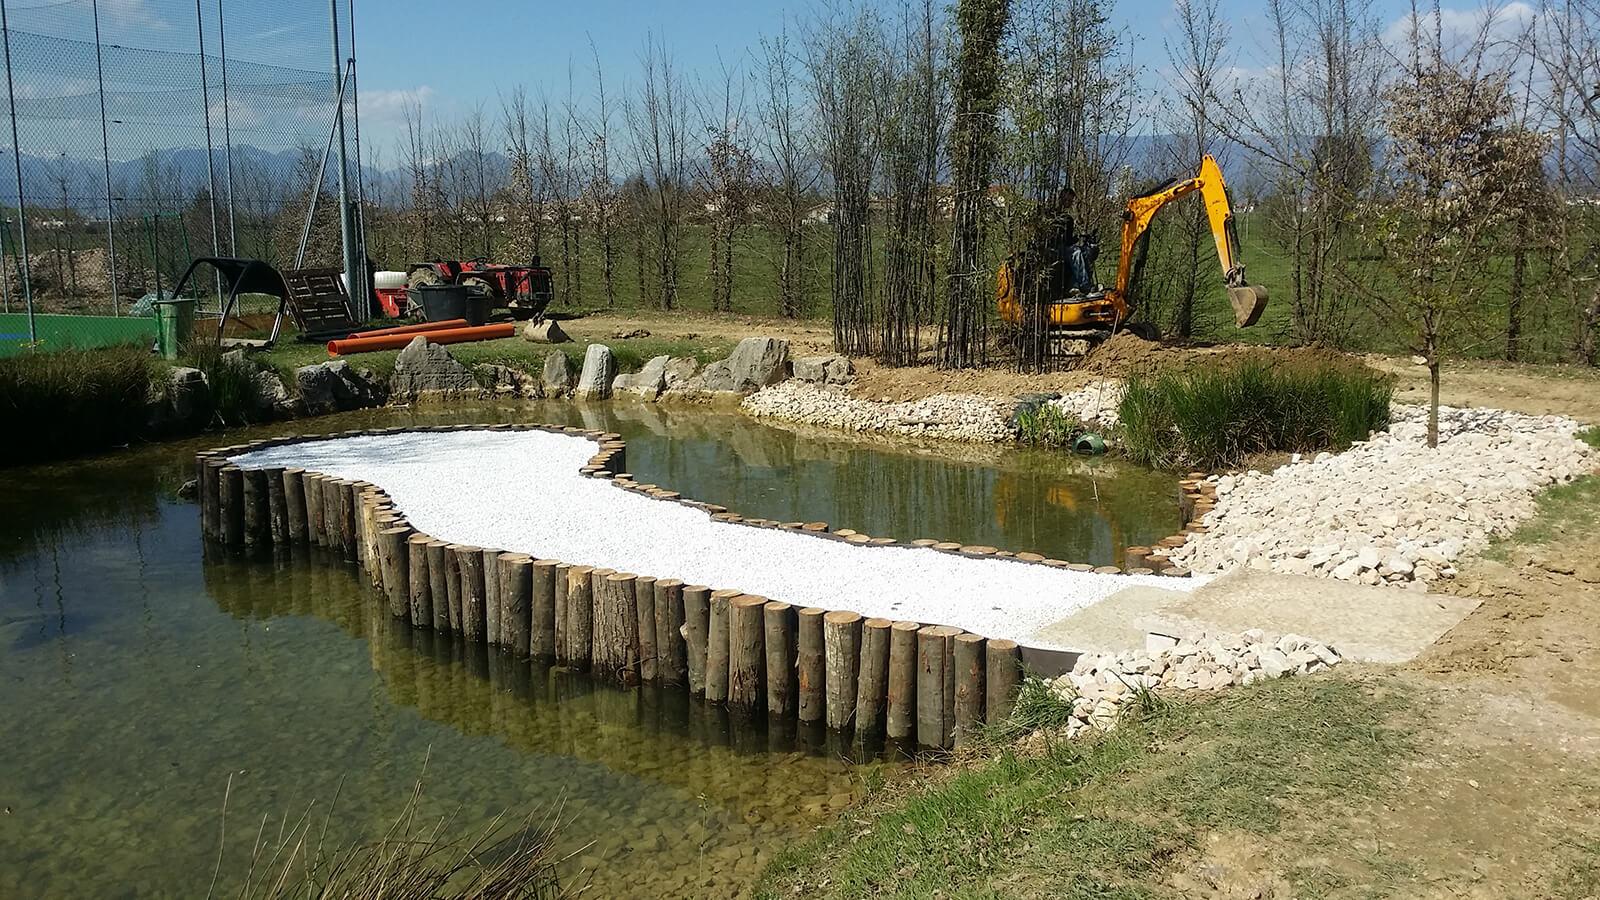 progettazione realizzazione giardini monticello conte otto - verde blu giardini 6